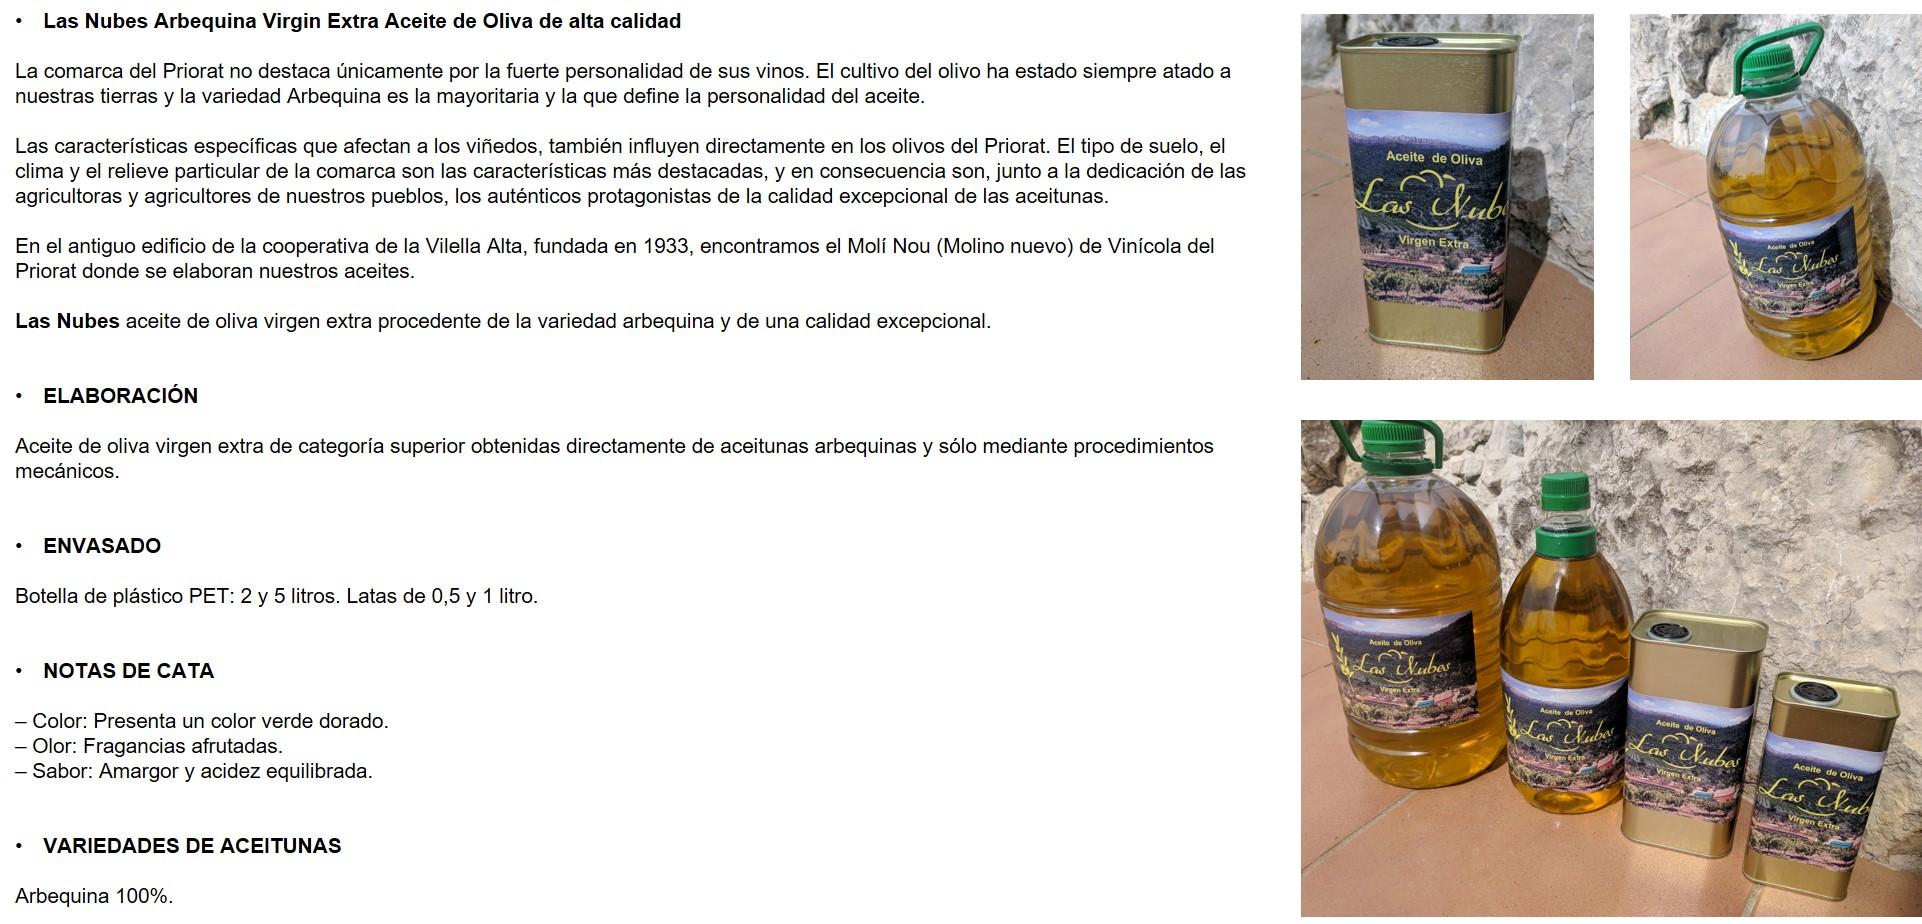 OIL_SP.jpg